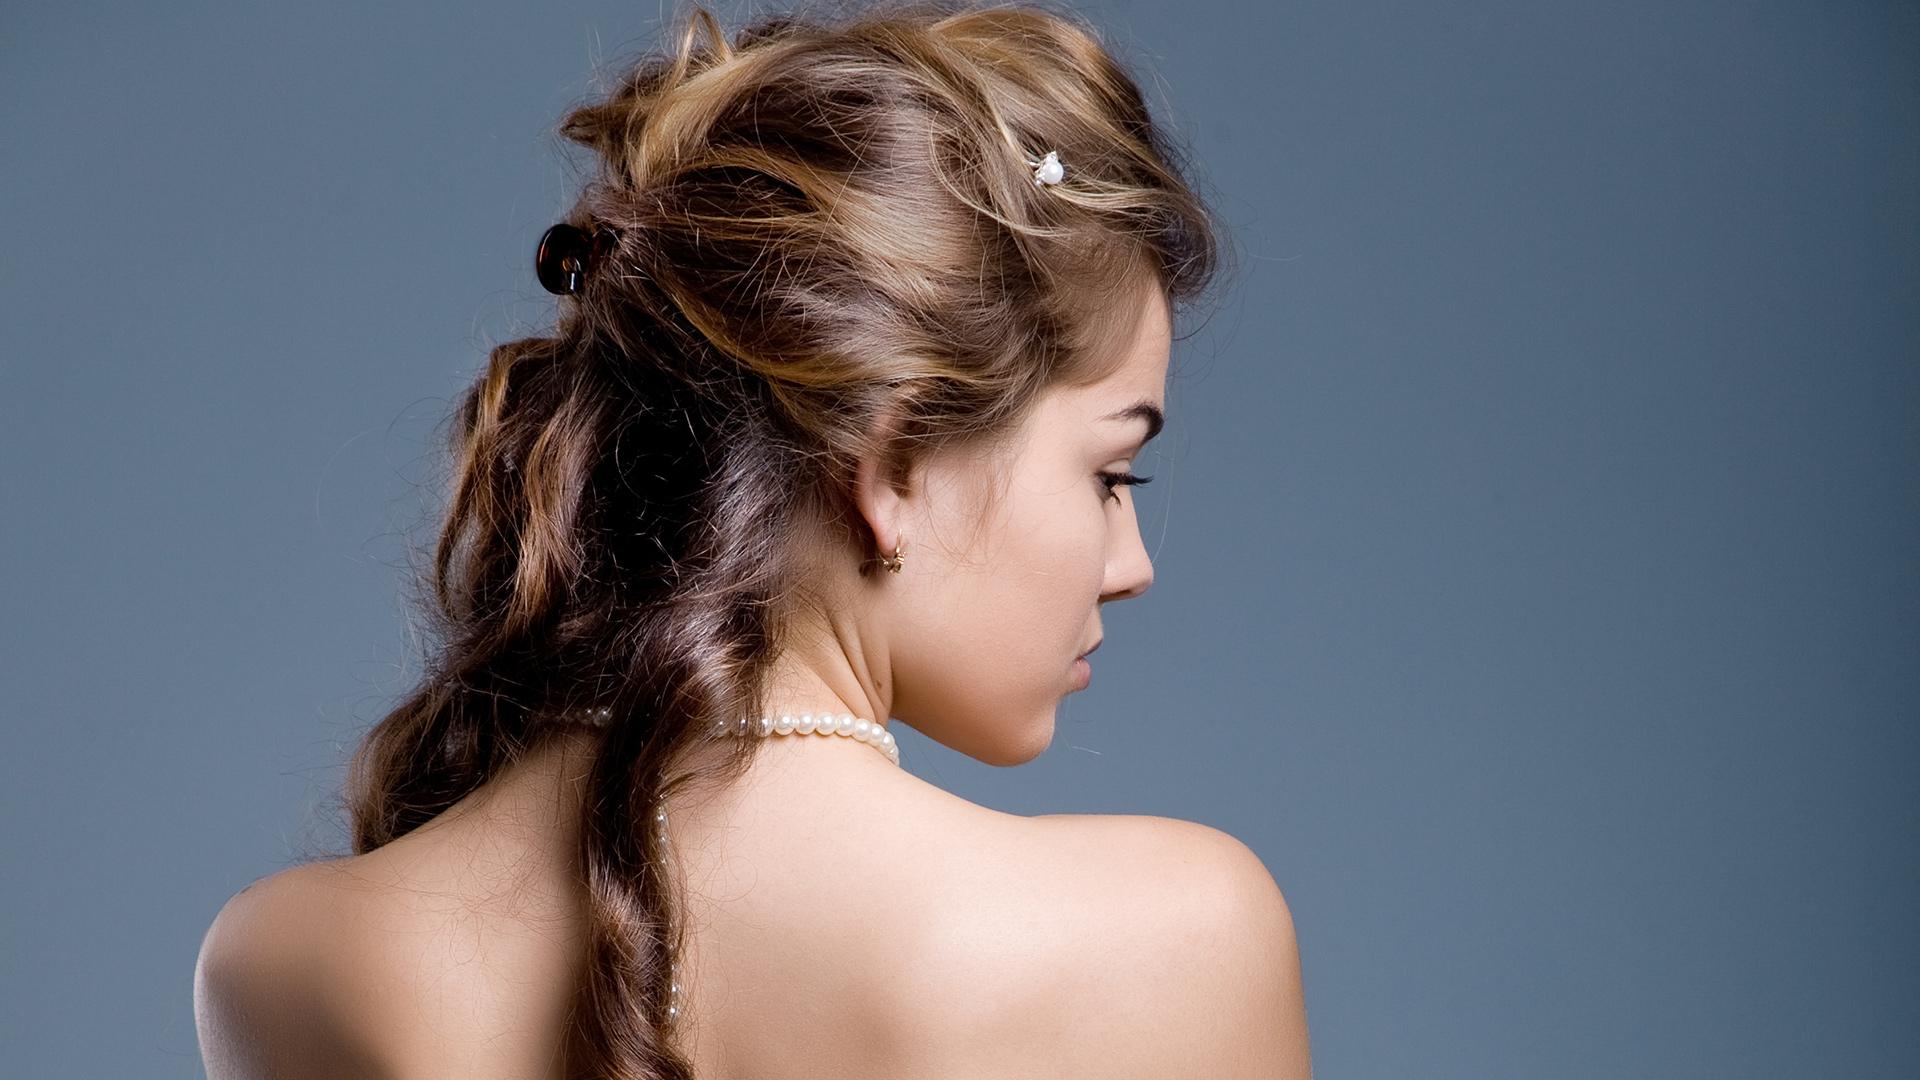 20 vielseitigste und schönste Homecoming Frisuren für Frauen